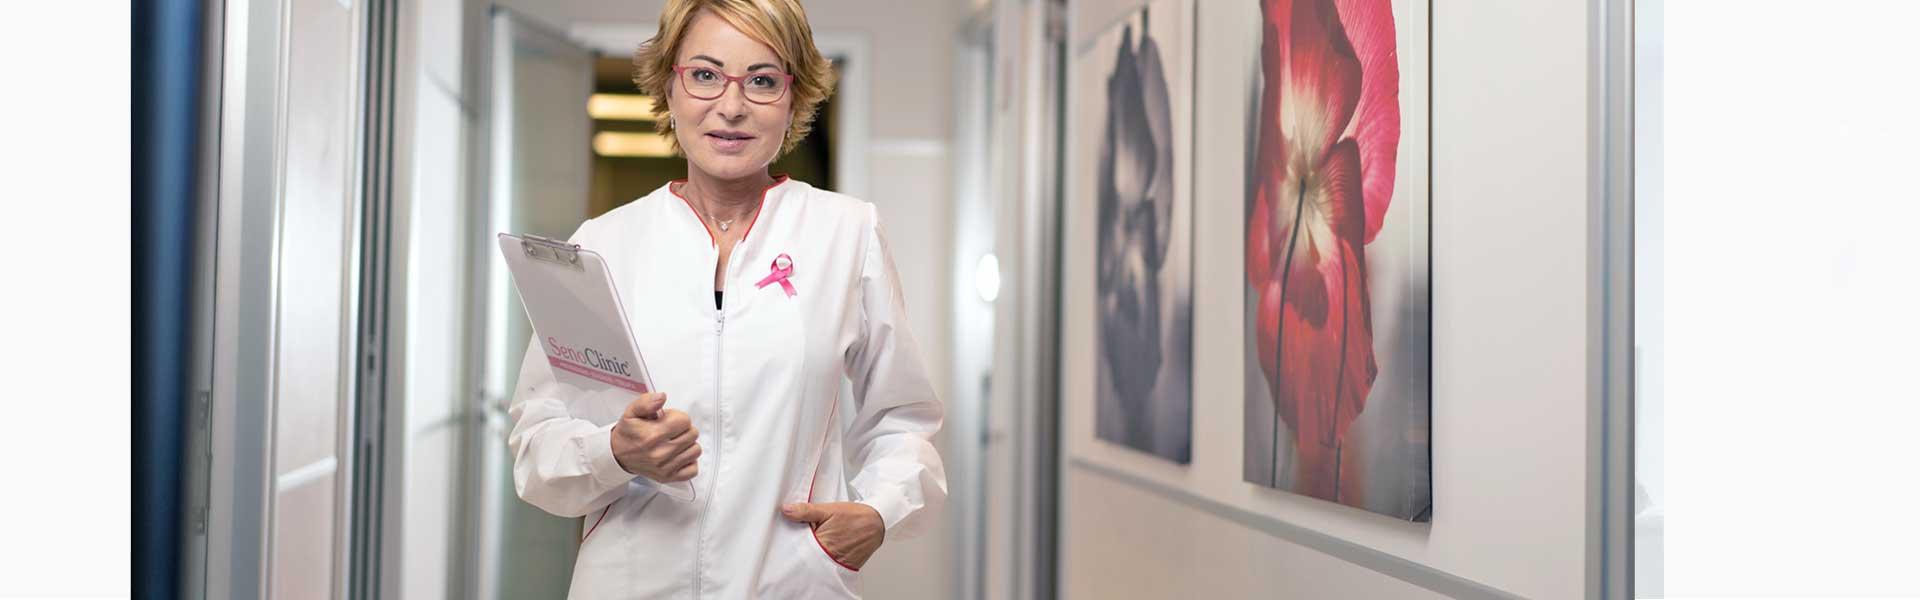 dr-simonetta-rossi-senologa-roma